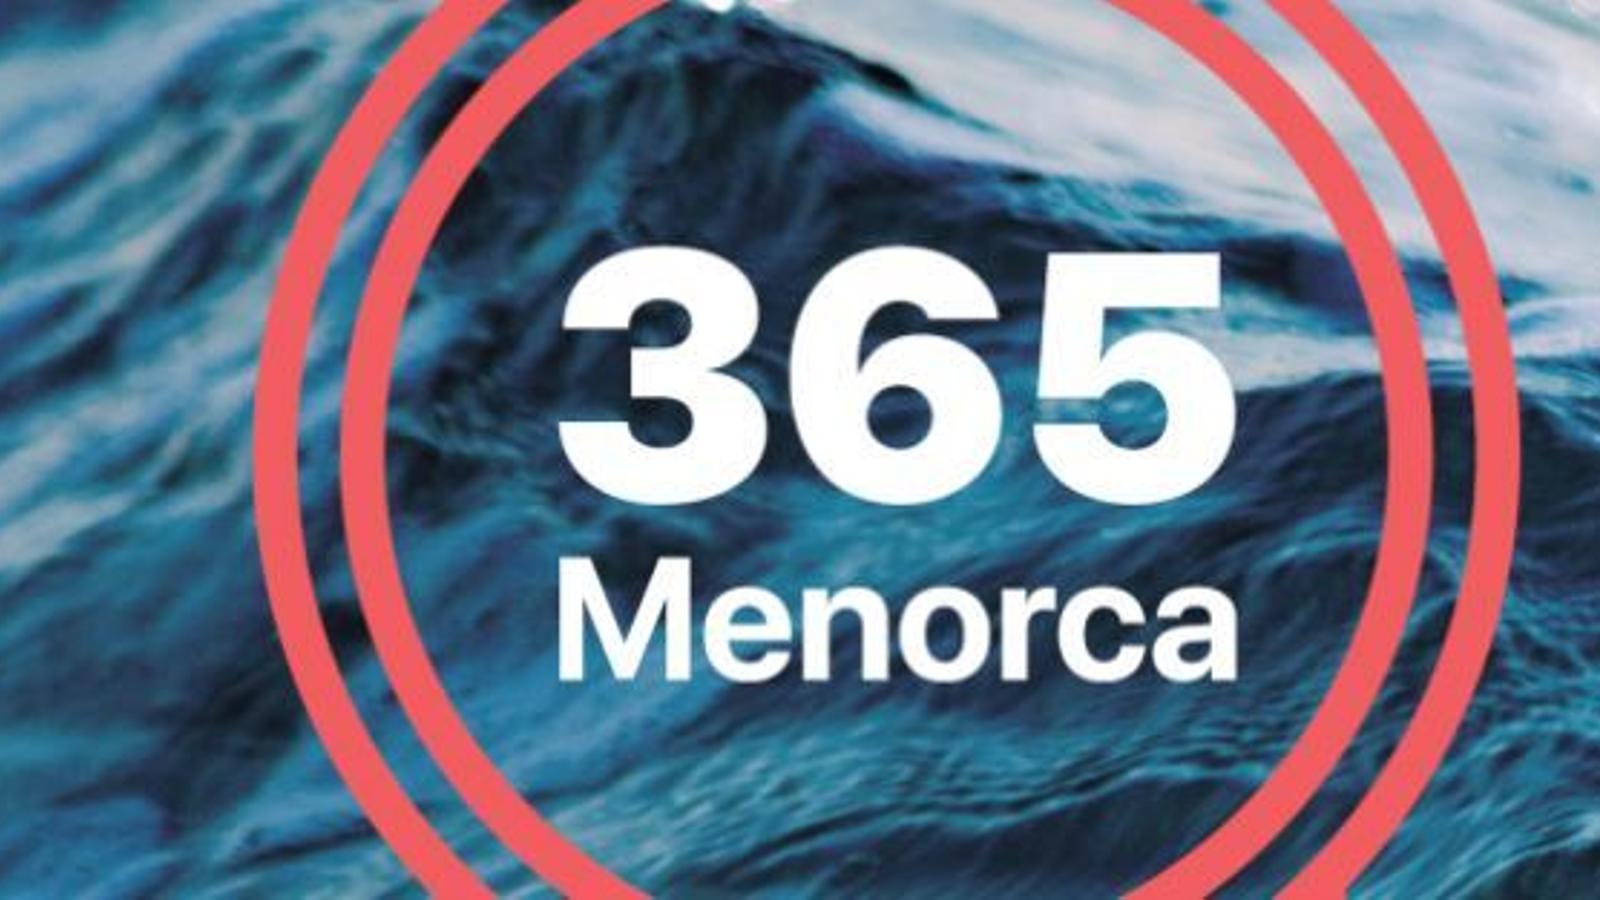 En la seva segona edició, el Festival de Cinema de Menorca va projectar 32 llargmetratges i 11 curtmetratges davant 4.200 espectadors.